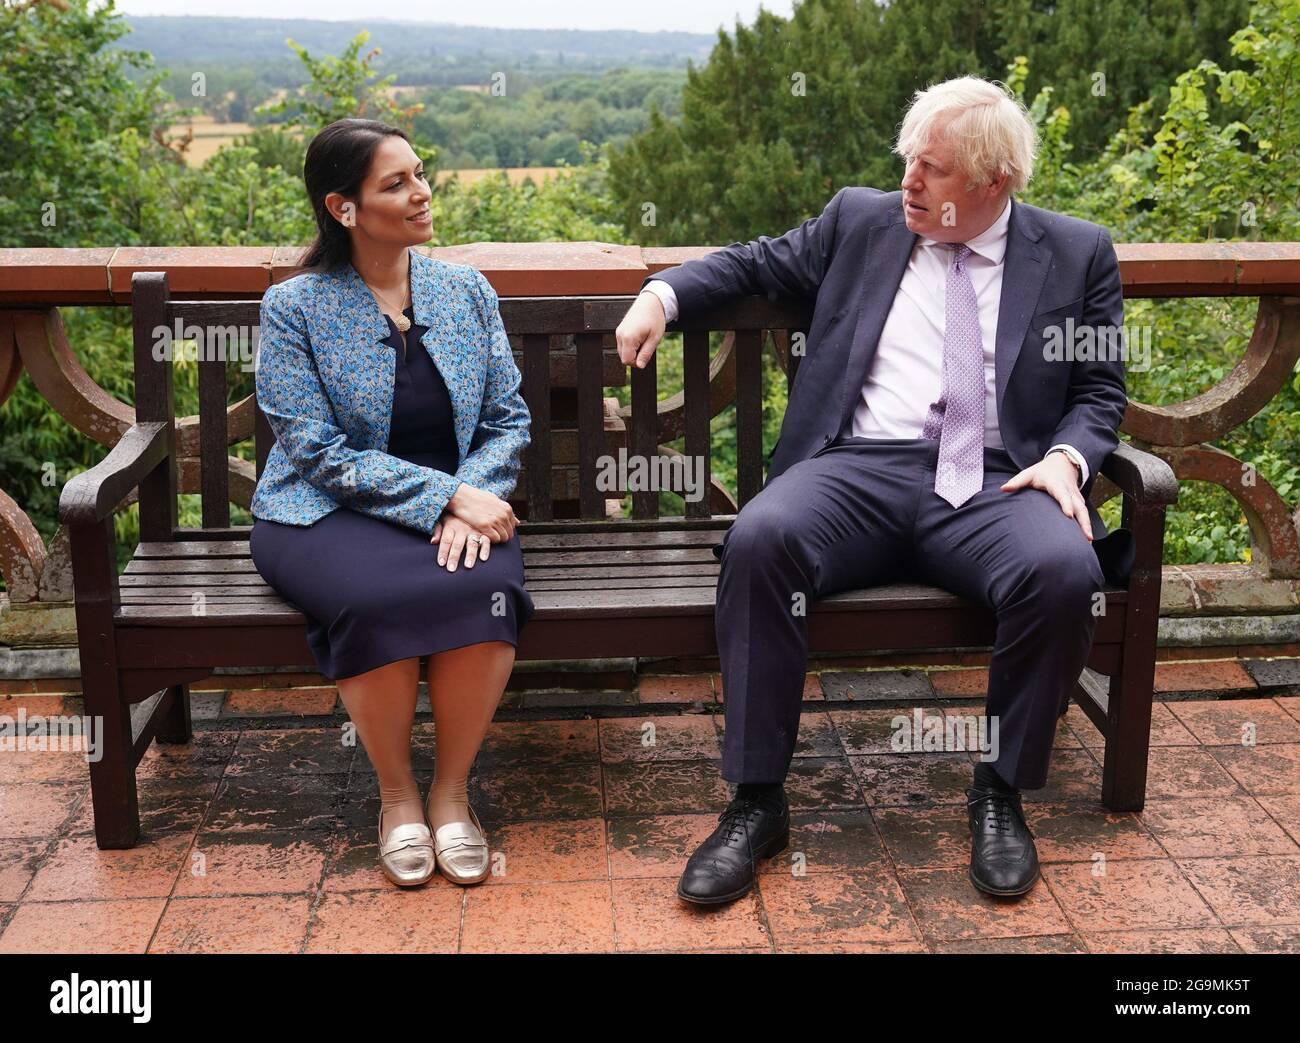 Le Premier ministre Boris Johnson et le secrétaire d'État à l'intérieur, Priti Patel, s'adressera aux cadets lors d'une visite au quartier général de la police de Surrey à Guildford, dans le Surrey, pour coïncider avec la publication du Plan de lutte contre les crimes et les crimes. Date de la photo: Mardi 27 juillet 2021. Banque D'Images